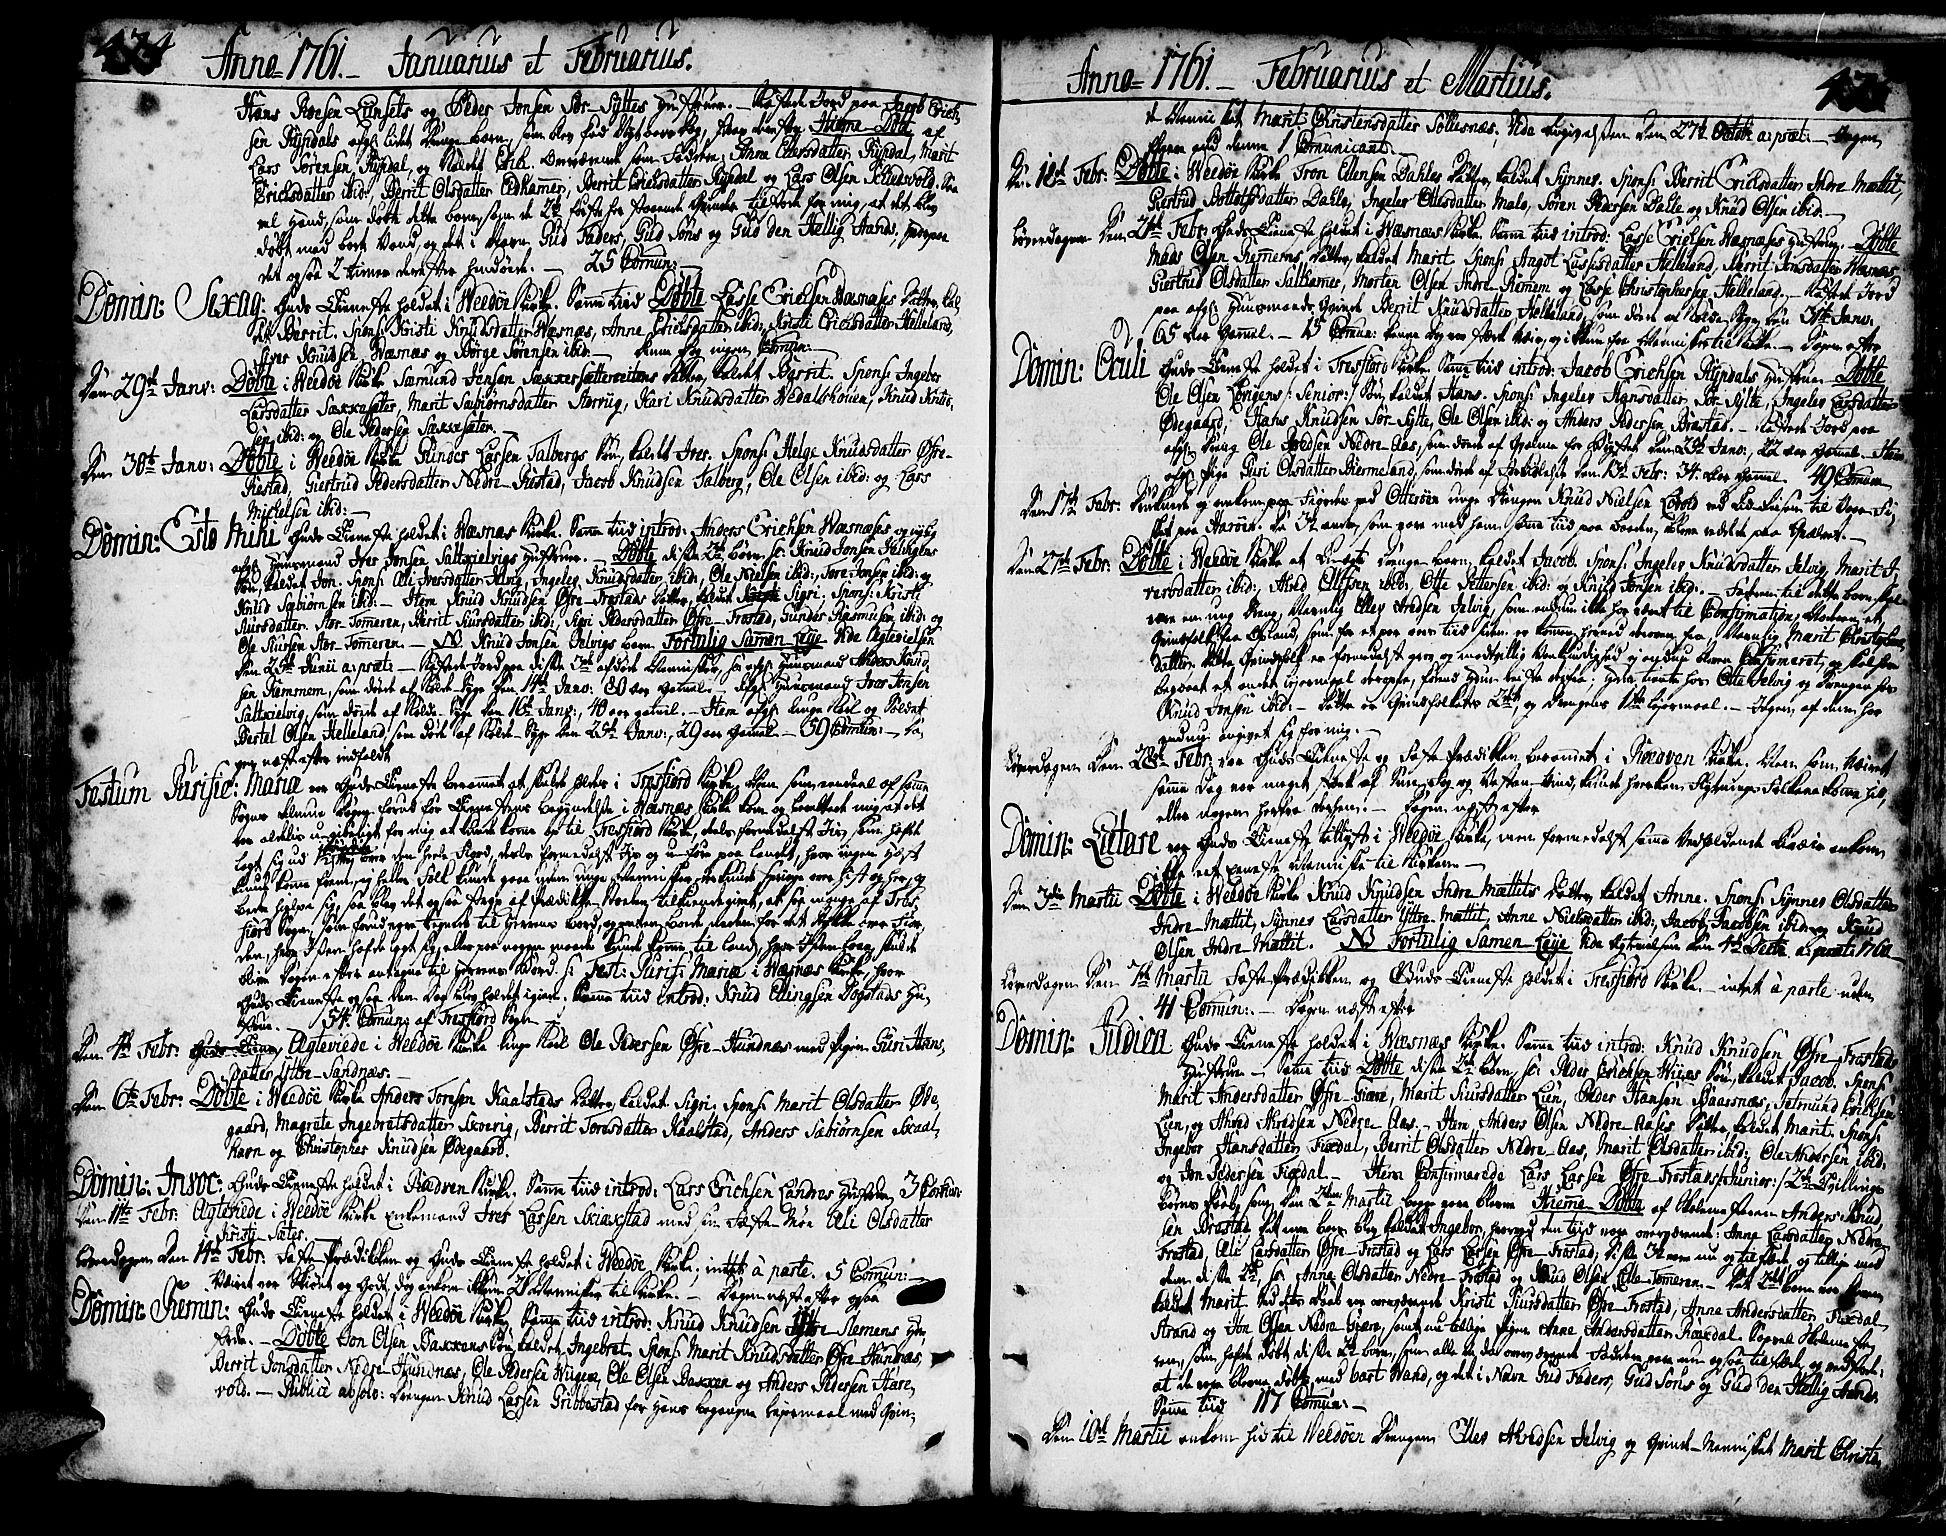 SAT, Ministerialprotokoller, klokkerbøker og fødselsregistre - Møre og Romsdal, 547/L0599: Ministerialbok nr. 547A01, 1721-1764, s. 474-475